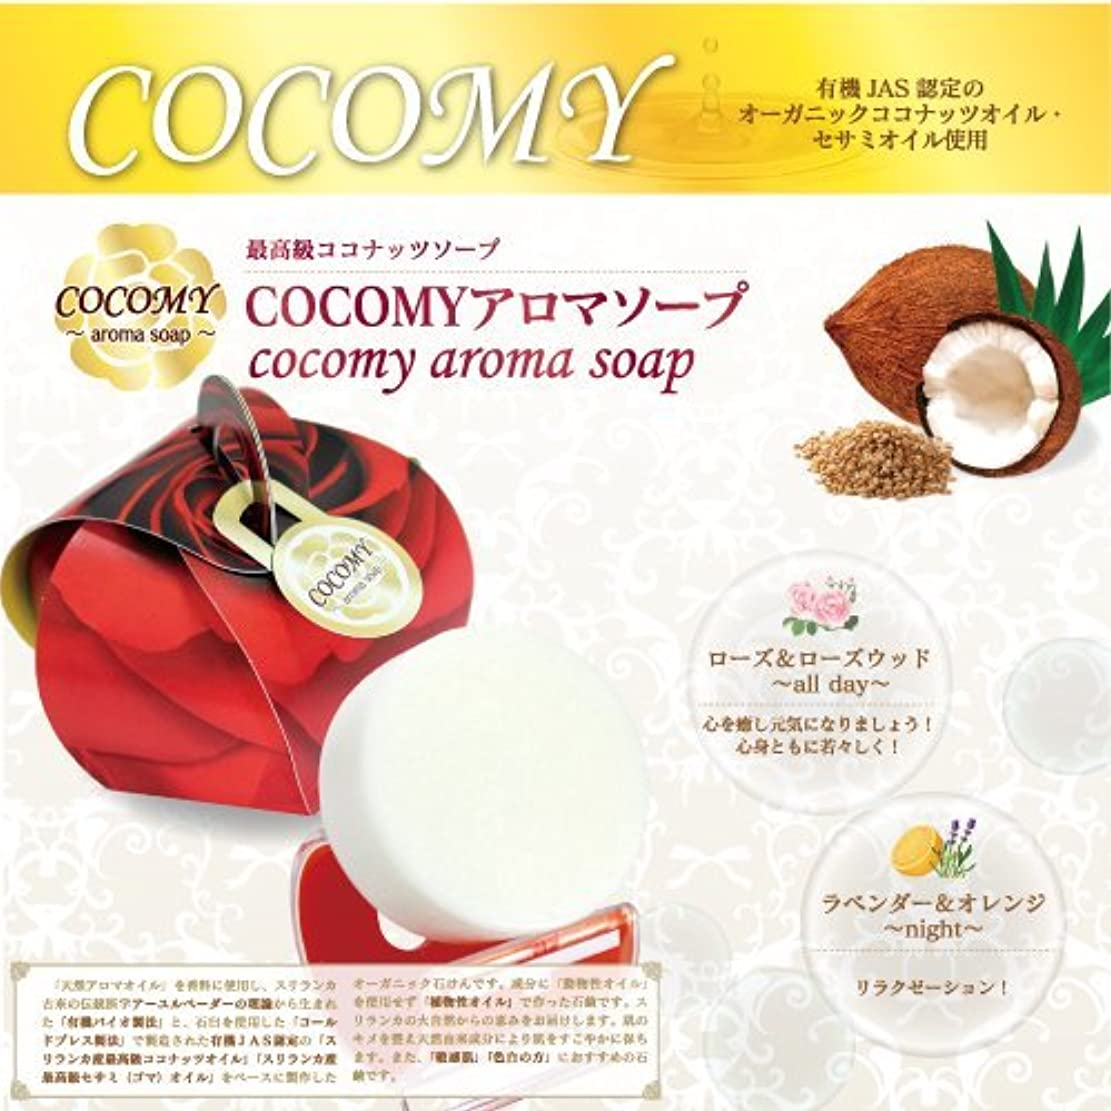 ドア意見あいさつCOCOMY aromaソープ 4個セット (ラベンダー&オレンジ)(ローズ&ローズウッド) 40g×各2